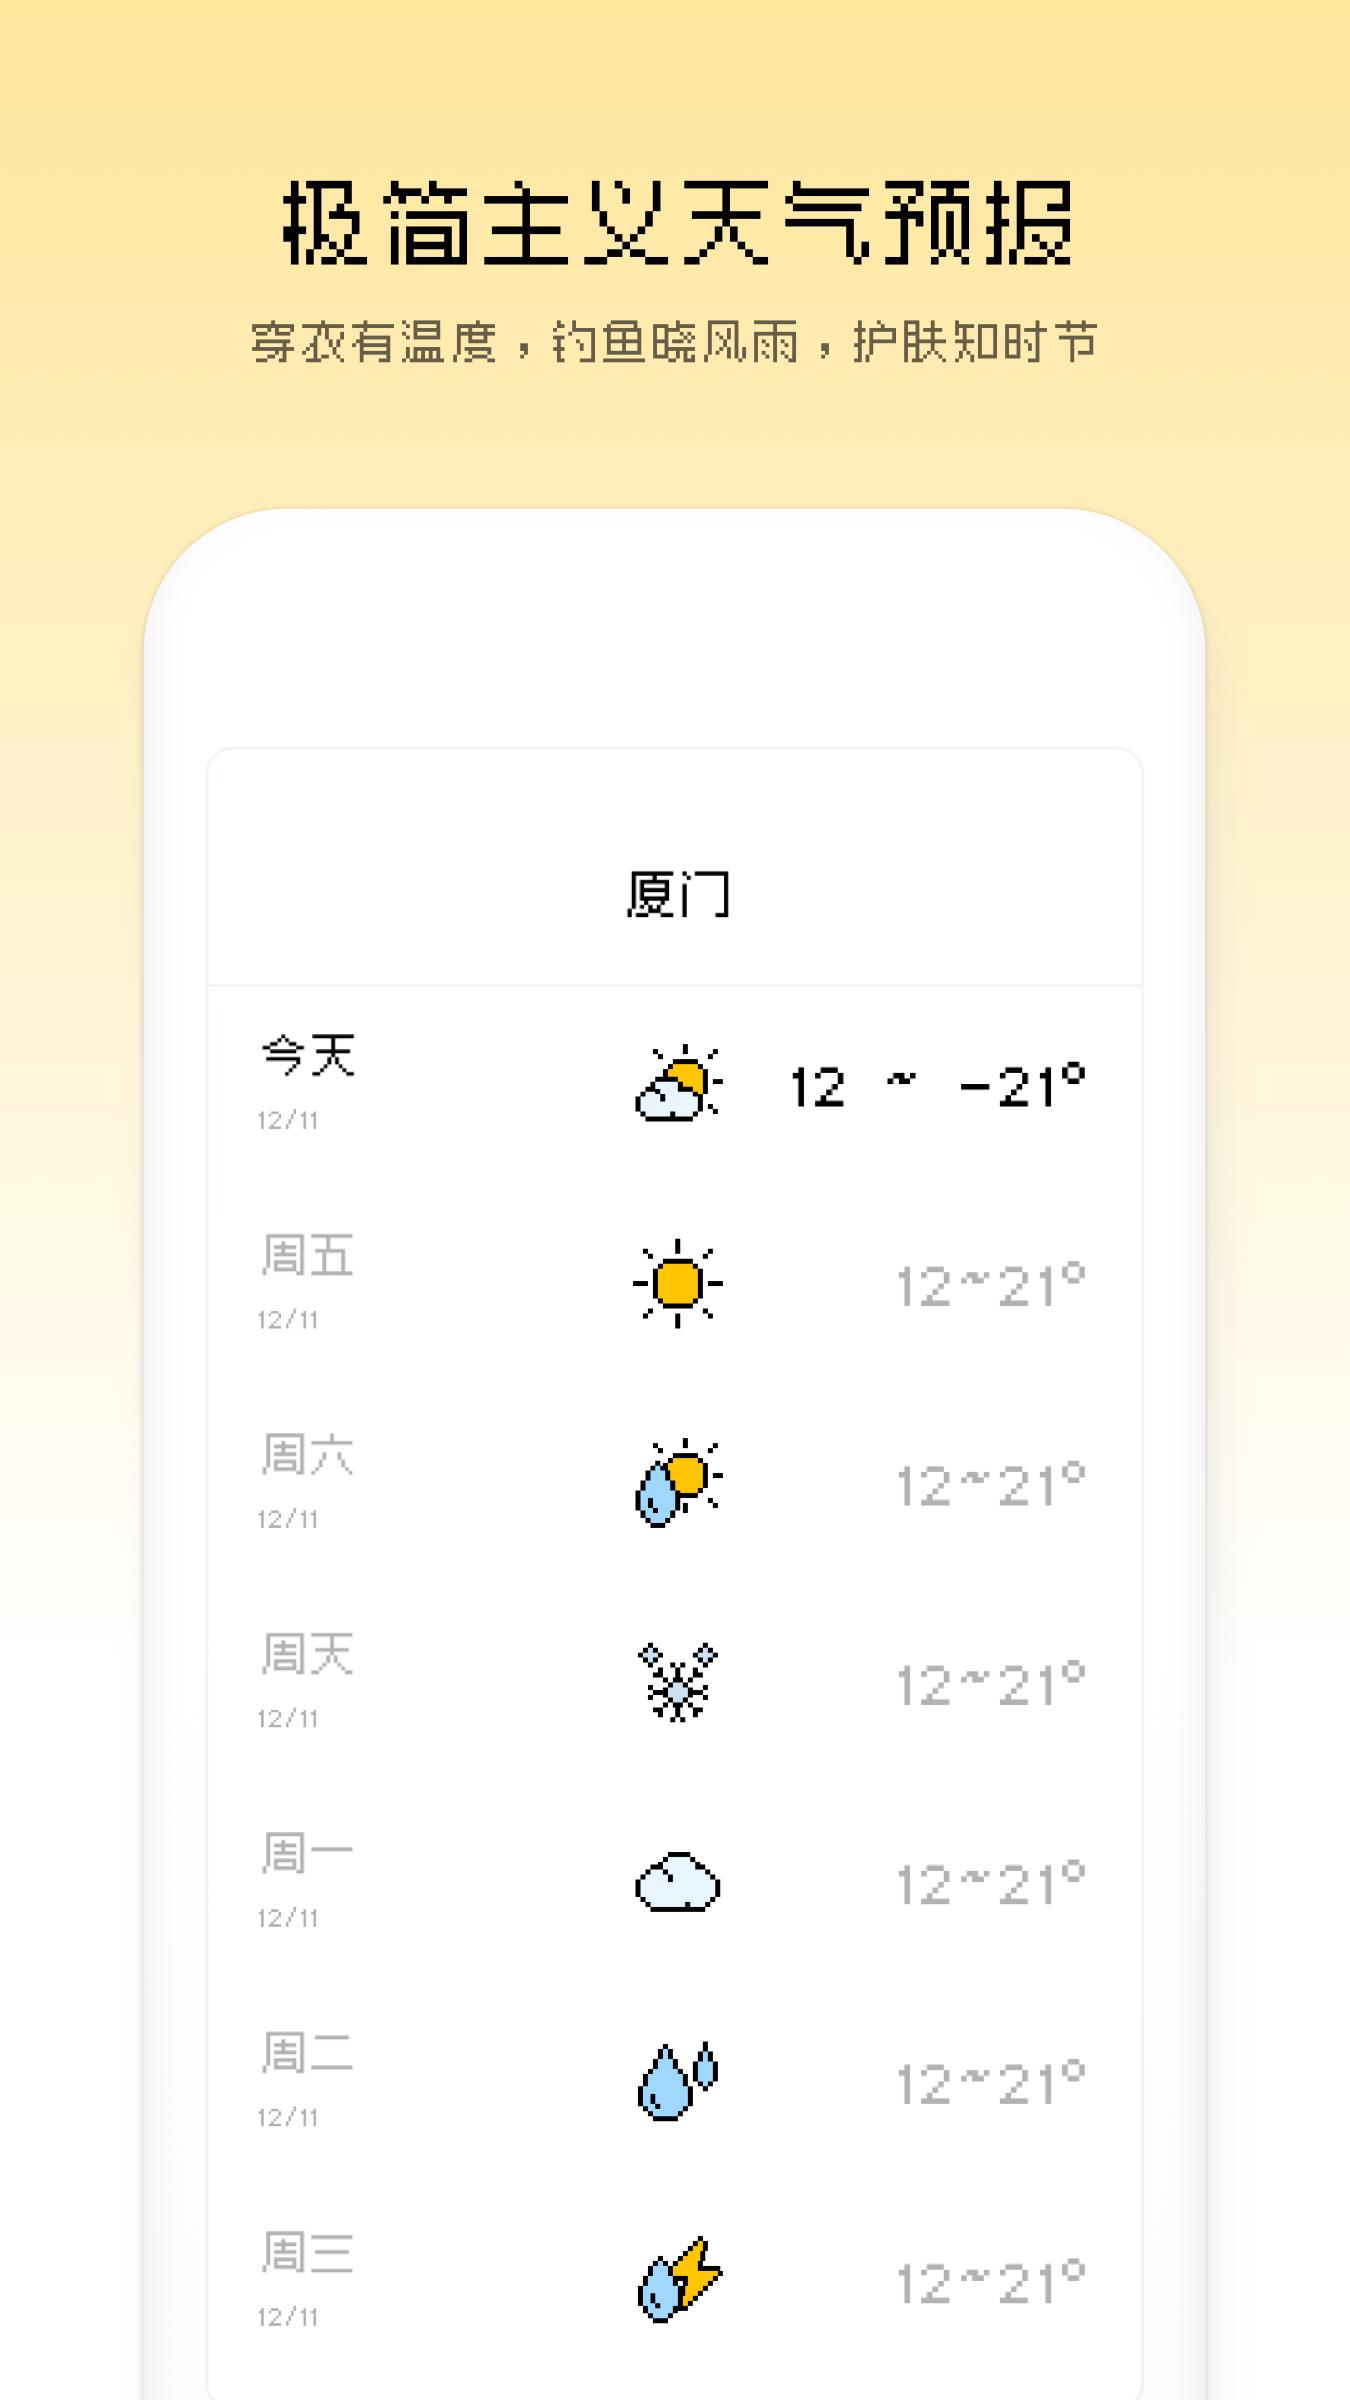 像素天气 V2.20102.0 Android版截图4